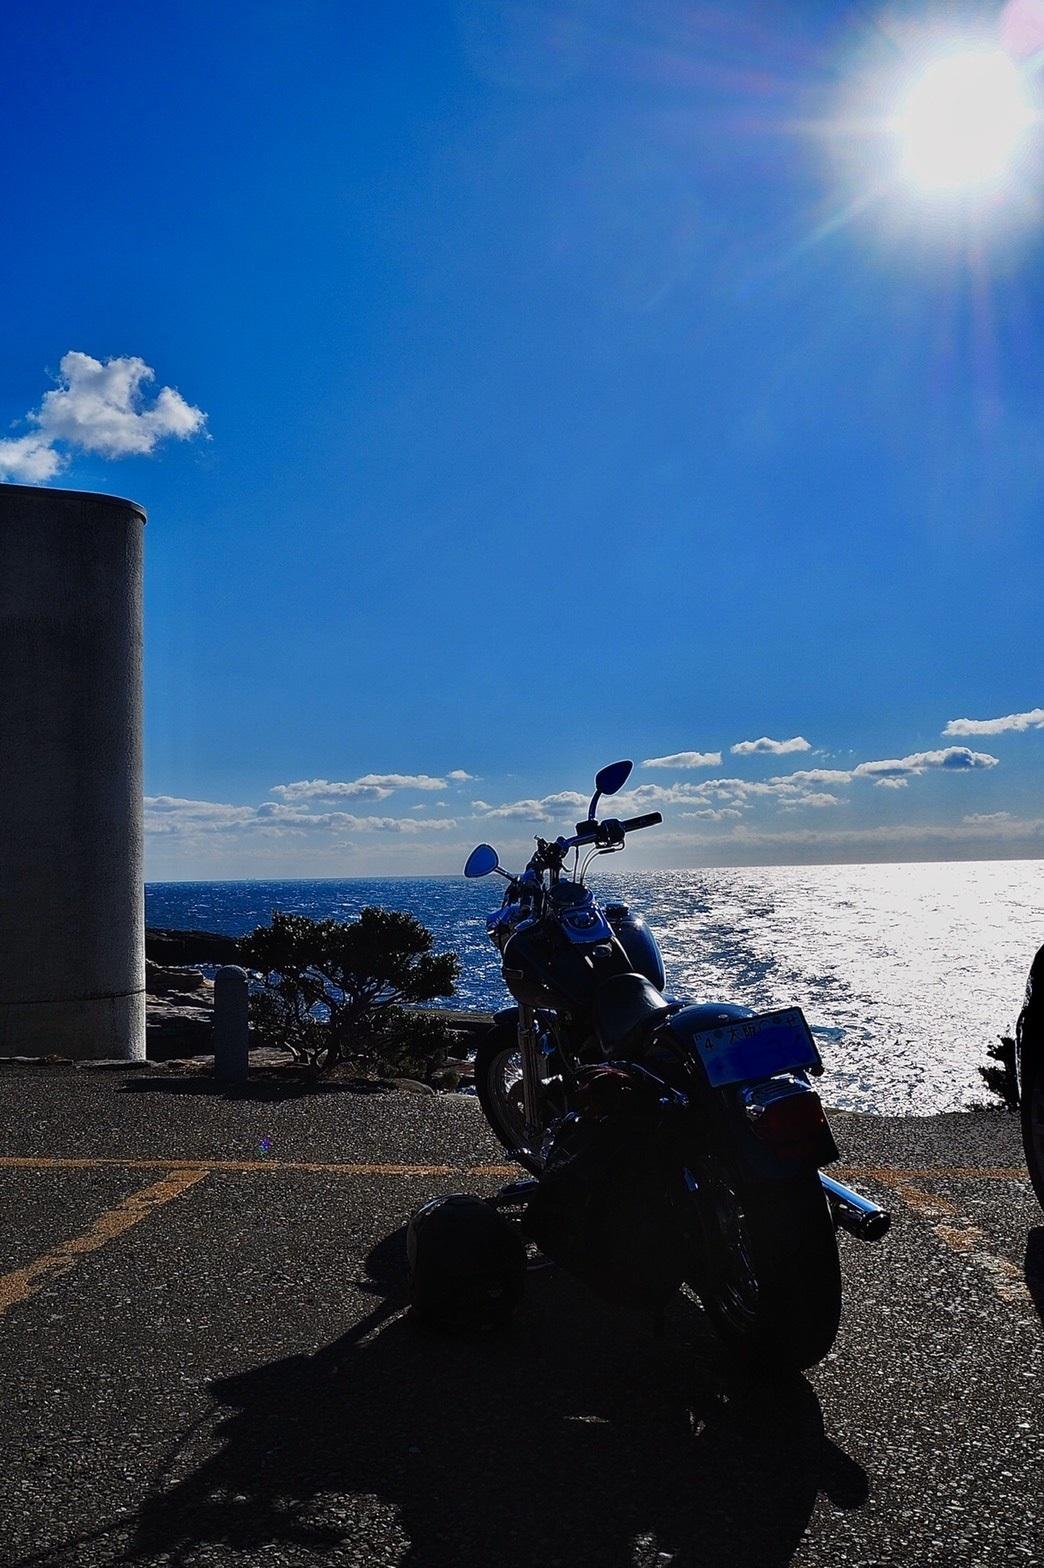 ぴーきち&ダイナ 和歌山南紀白浜ツーリング 千畳敷と青い空